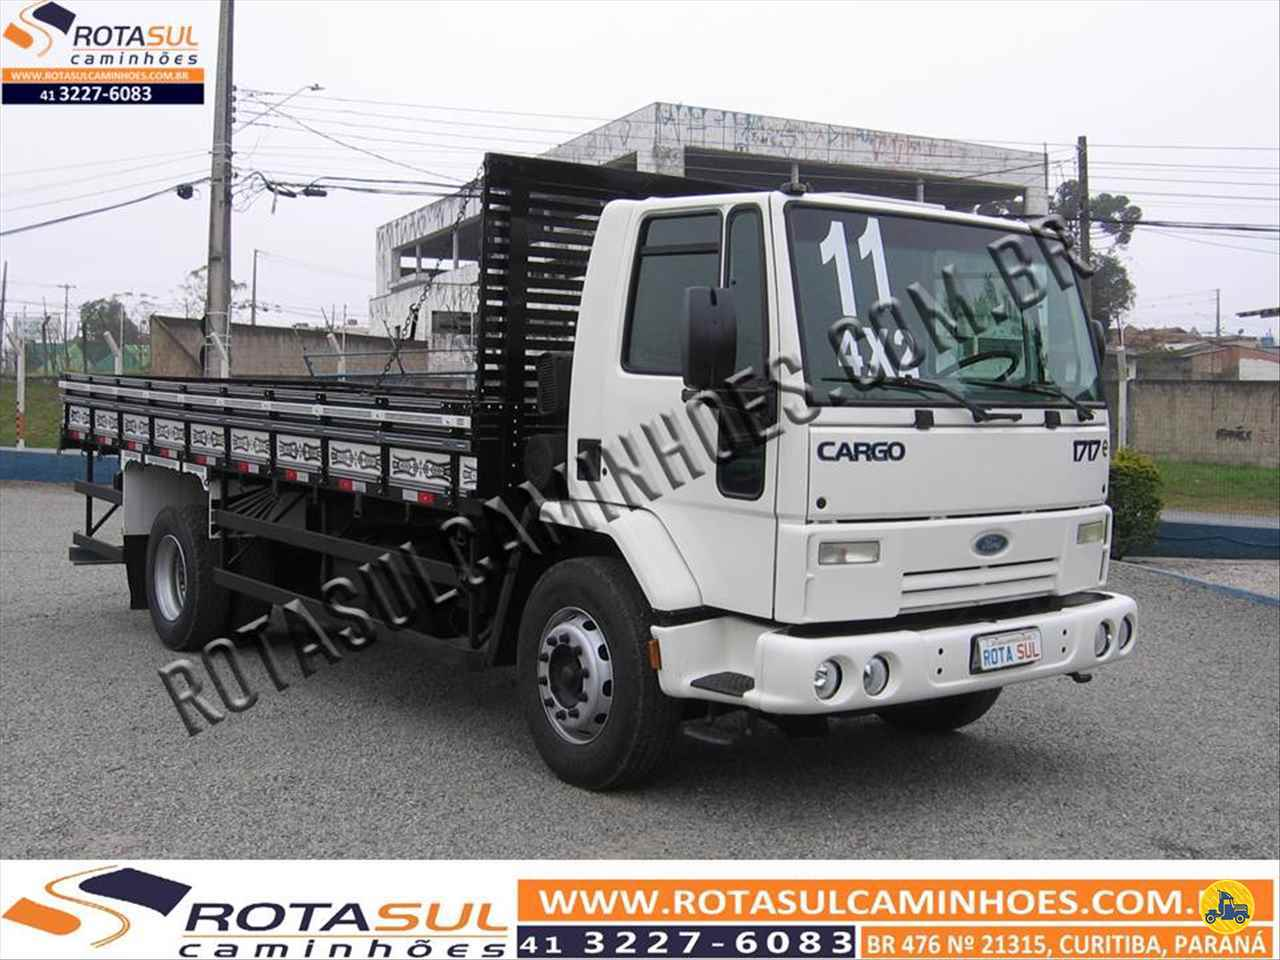 CAMINHAO FORD CARGO 1717 Carga Seca Toco 4x2 Rota Sul Caminhões CURITIBA PARANÁ PR